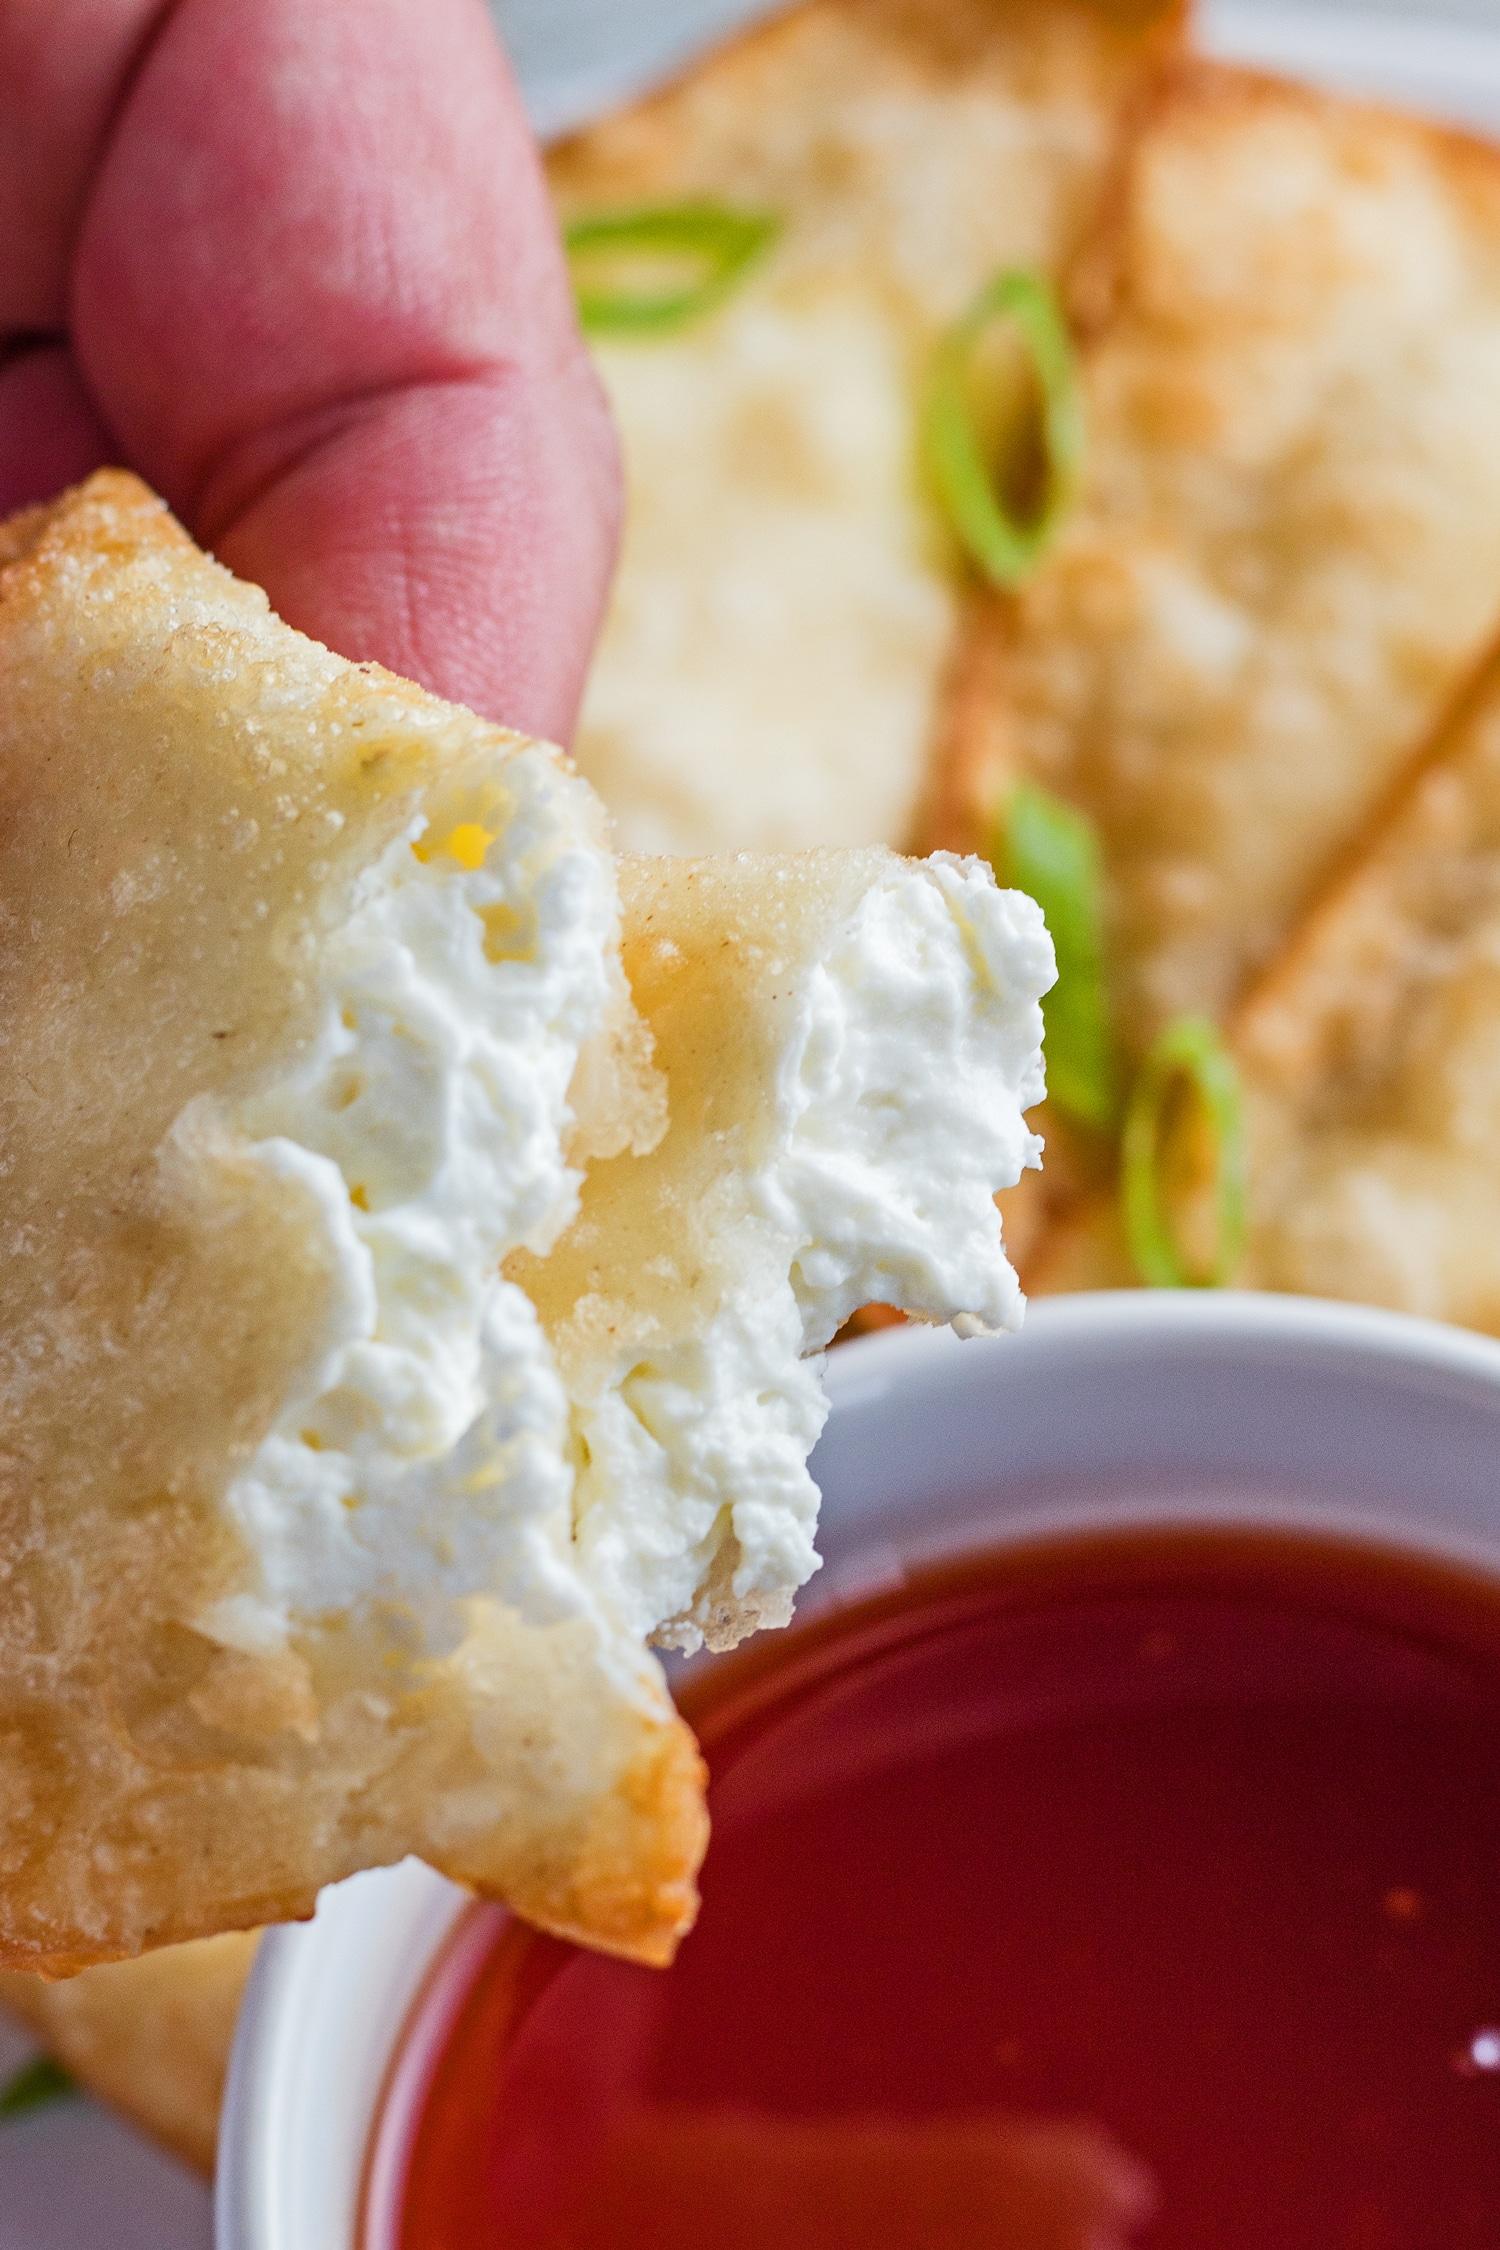 imagen alta con los wontons de queso crema abiertos y listos para mojar.